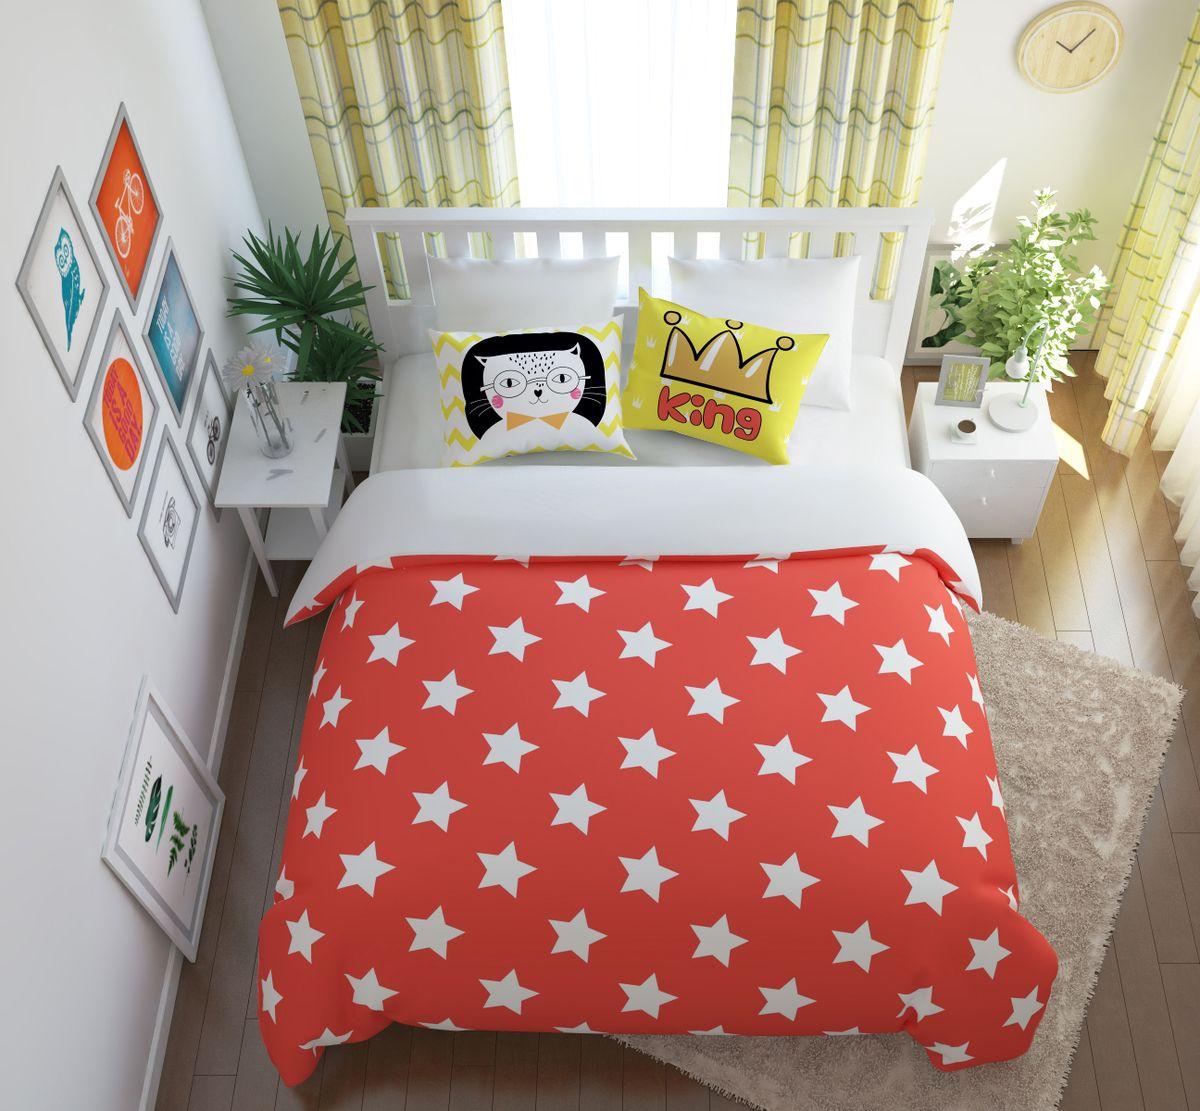 Комплект белья Сирень Королевские покои, 1,5-спальный, наволочки 50x70391602Комплект постельного белья Сирень Королевские покои состоит из простыни, пододеяльника и 2 наволочек. Комплект выполнен из современных гипоаллергенных материалов. Приятный при прикосновении сатин - гарантия здорового, спокойного сна. Ткань хорошо впитывает влагу, надолго сохраняет яркость красок. Четкий, изящный рисунок в сочетании с насыщенными красками делает комплект постельного белья неповторимой изюминкой любого интерьера. Постельное белье идеально подойдет для подарка.